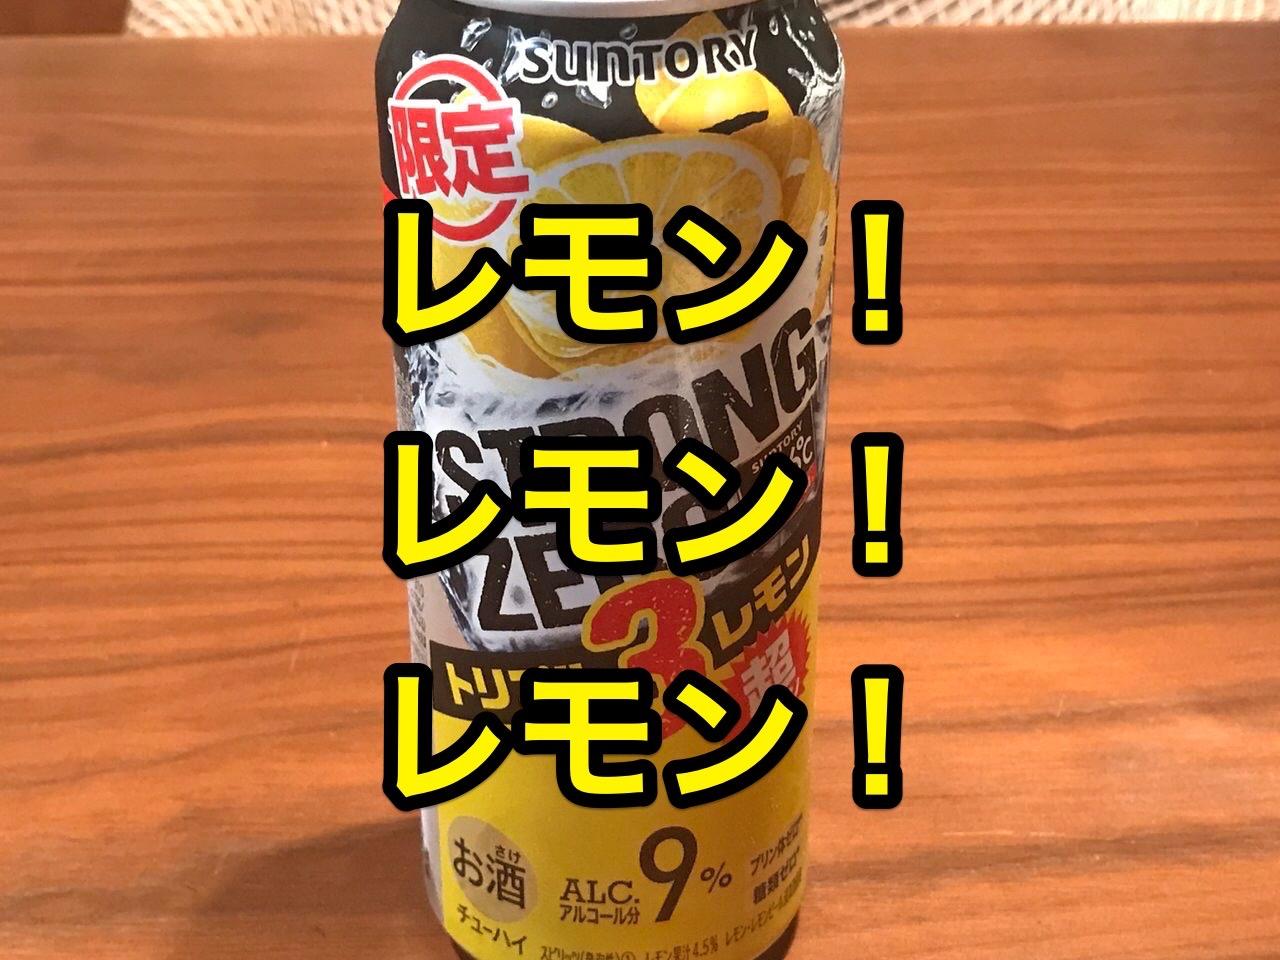 【ストロングゼロ】「トリプルレモン」レモンレモンレモンレモン‥‥うまいモン!